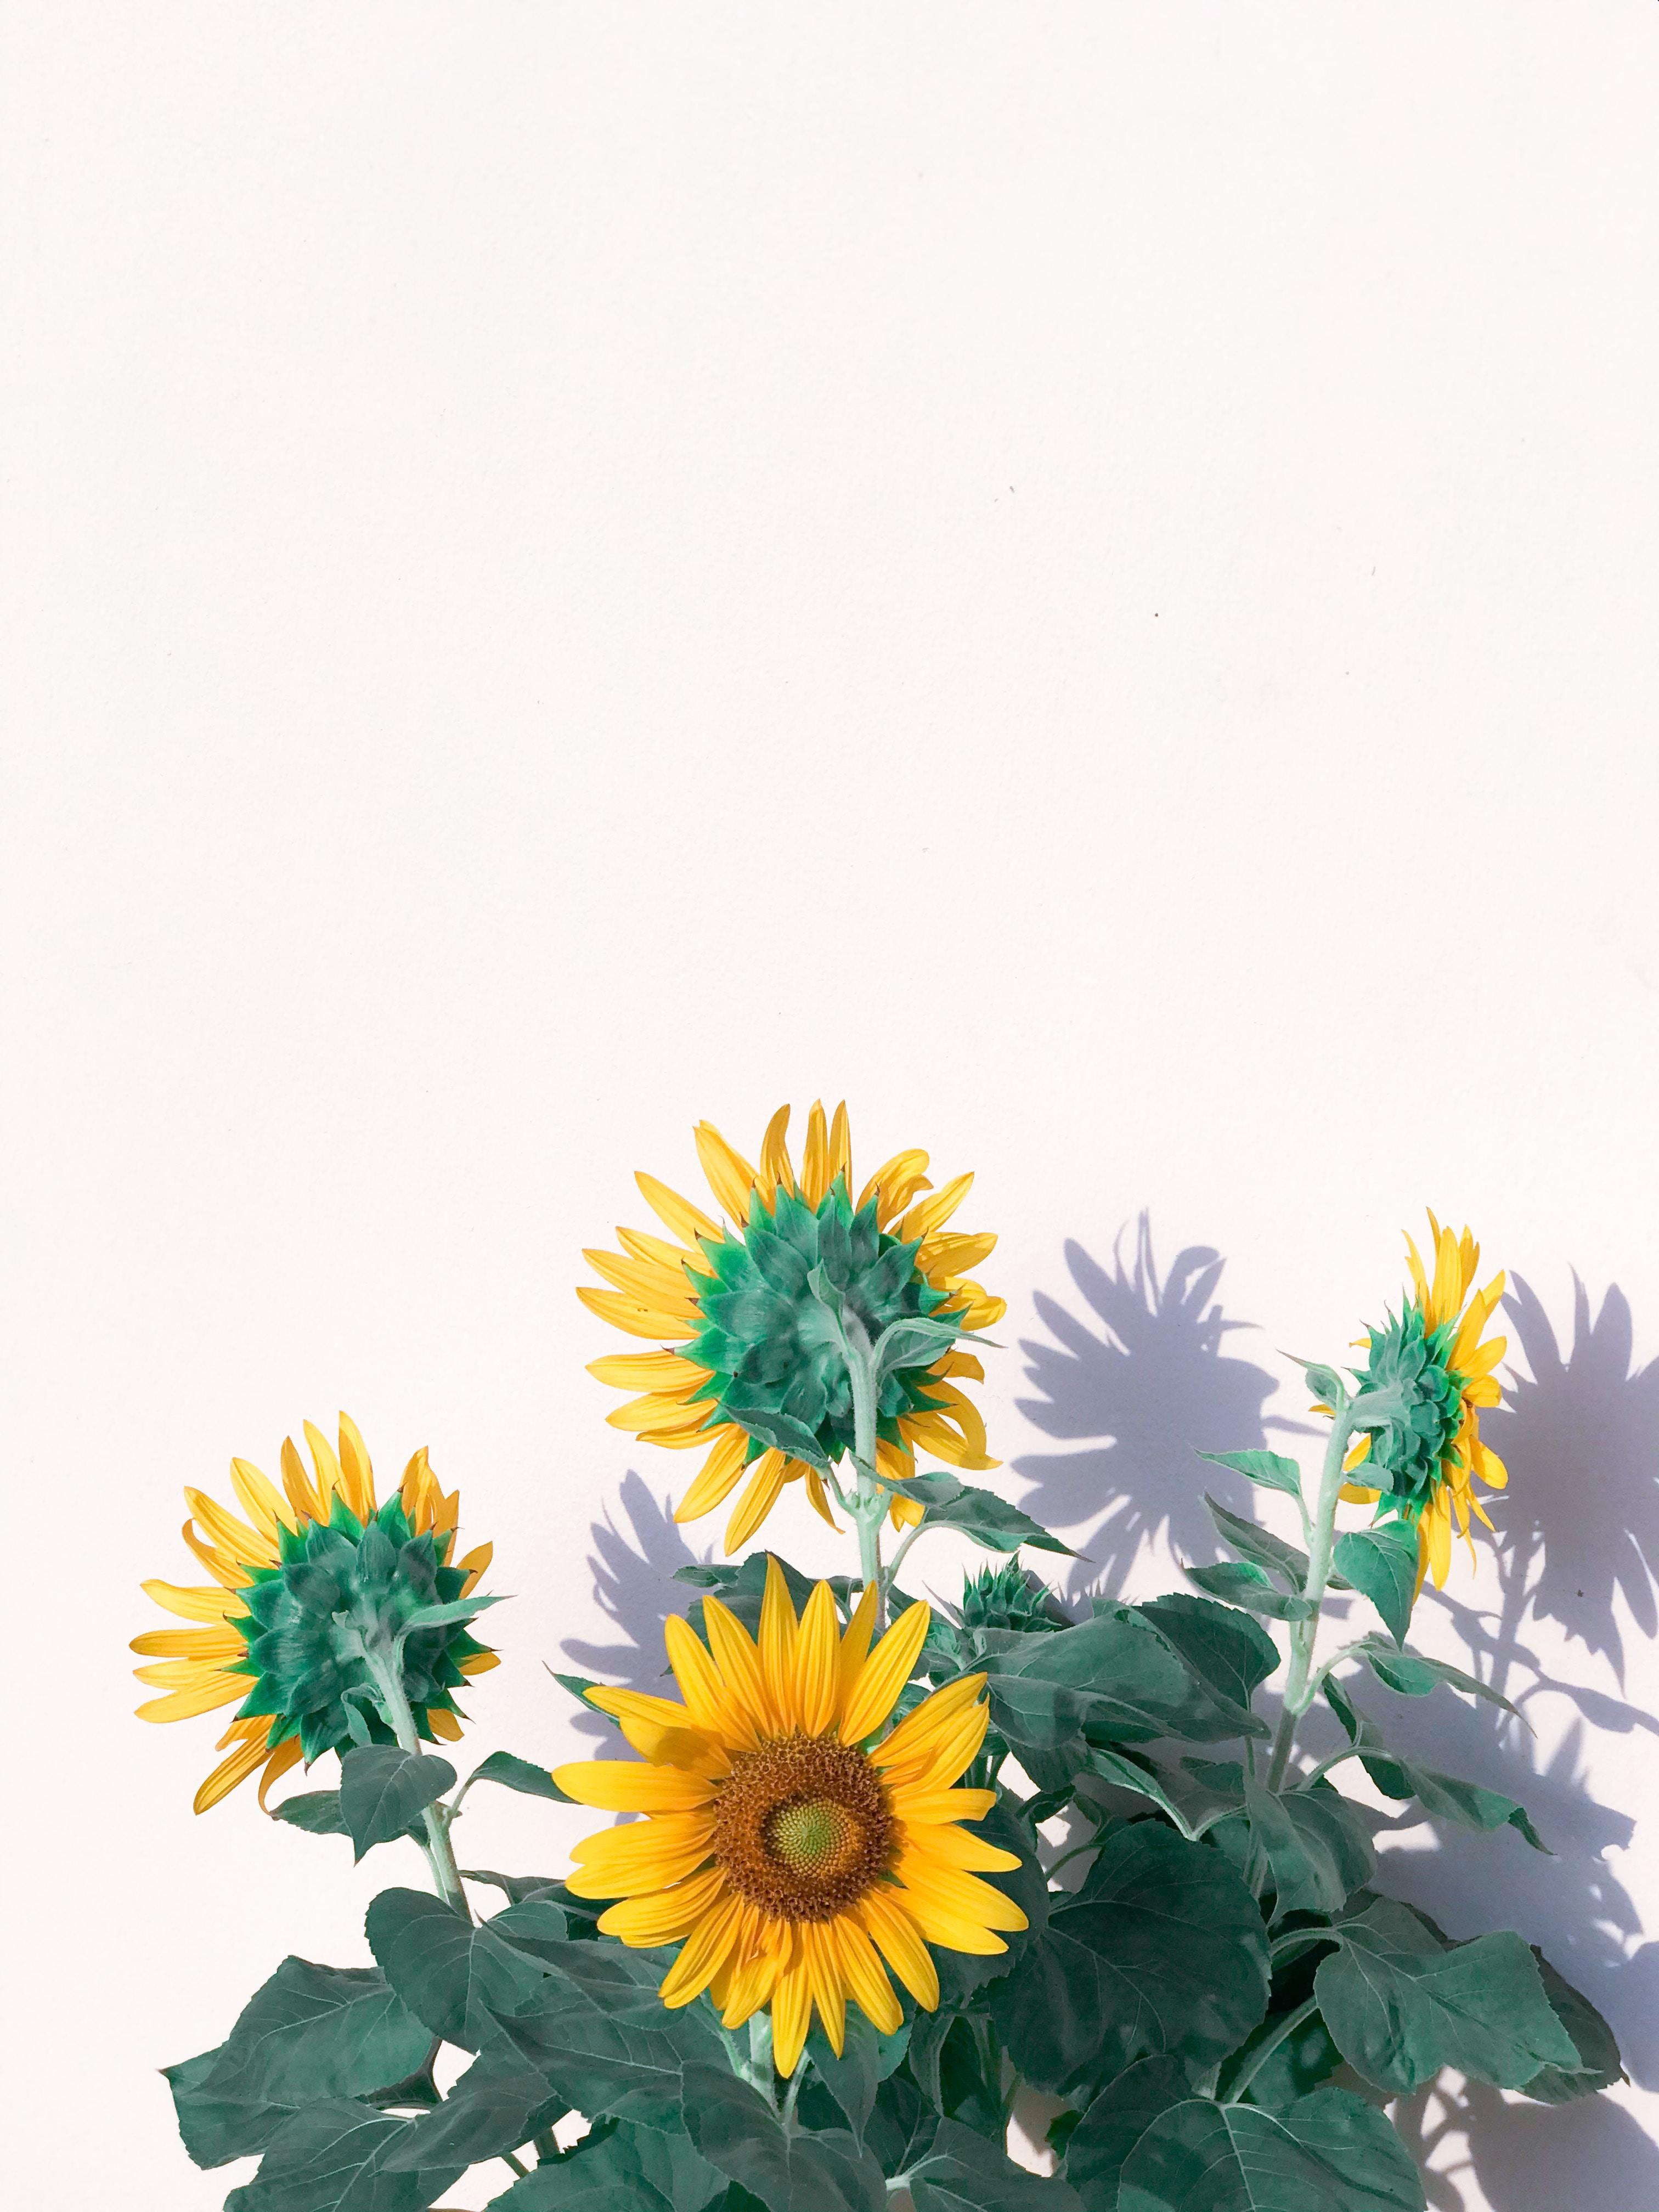 138488 Заставки и Обои Подсолнухи на телефон. Скачать Цветы, Желтый, Растение, Подсолнухи картинки бесплатно